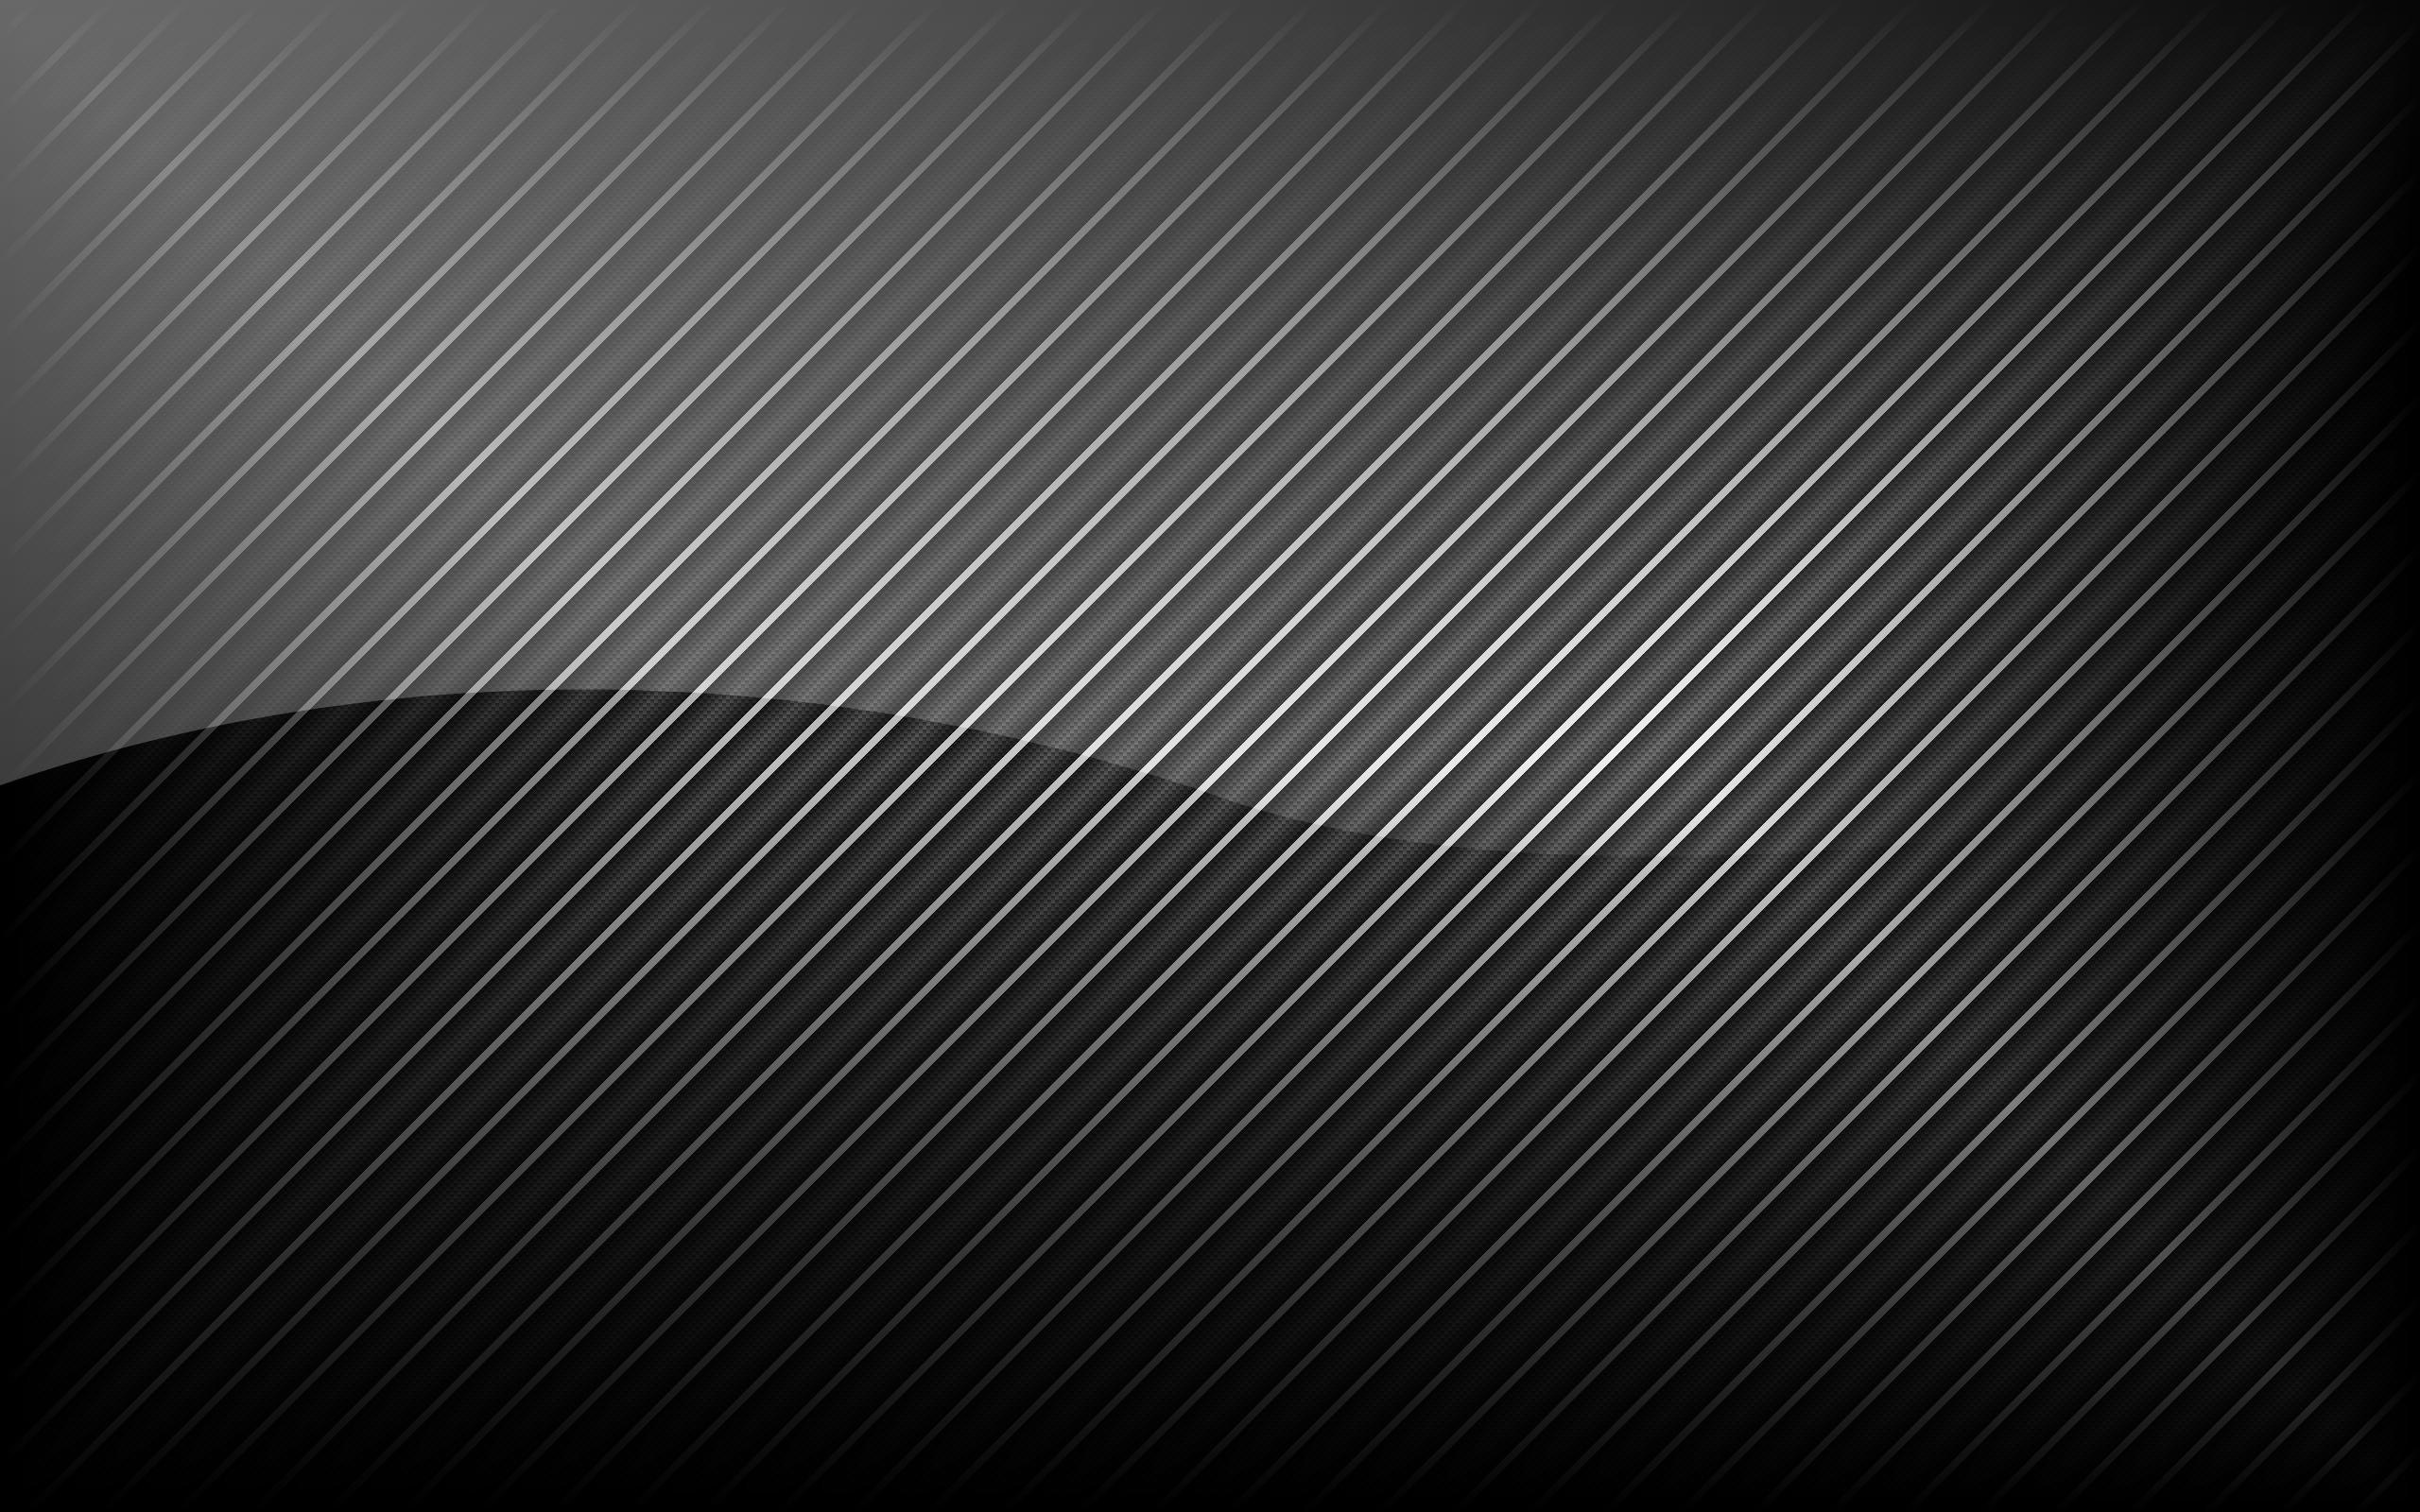 Carbon Fibre Wallpaper ·① WallpaperTag